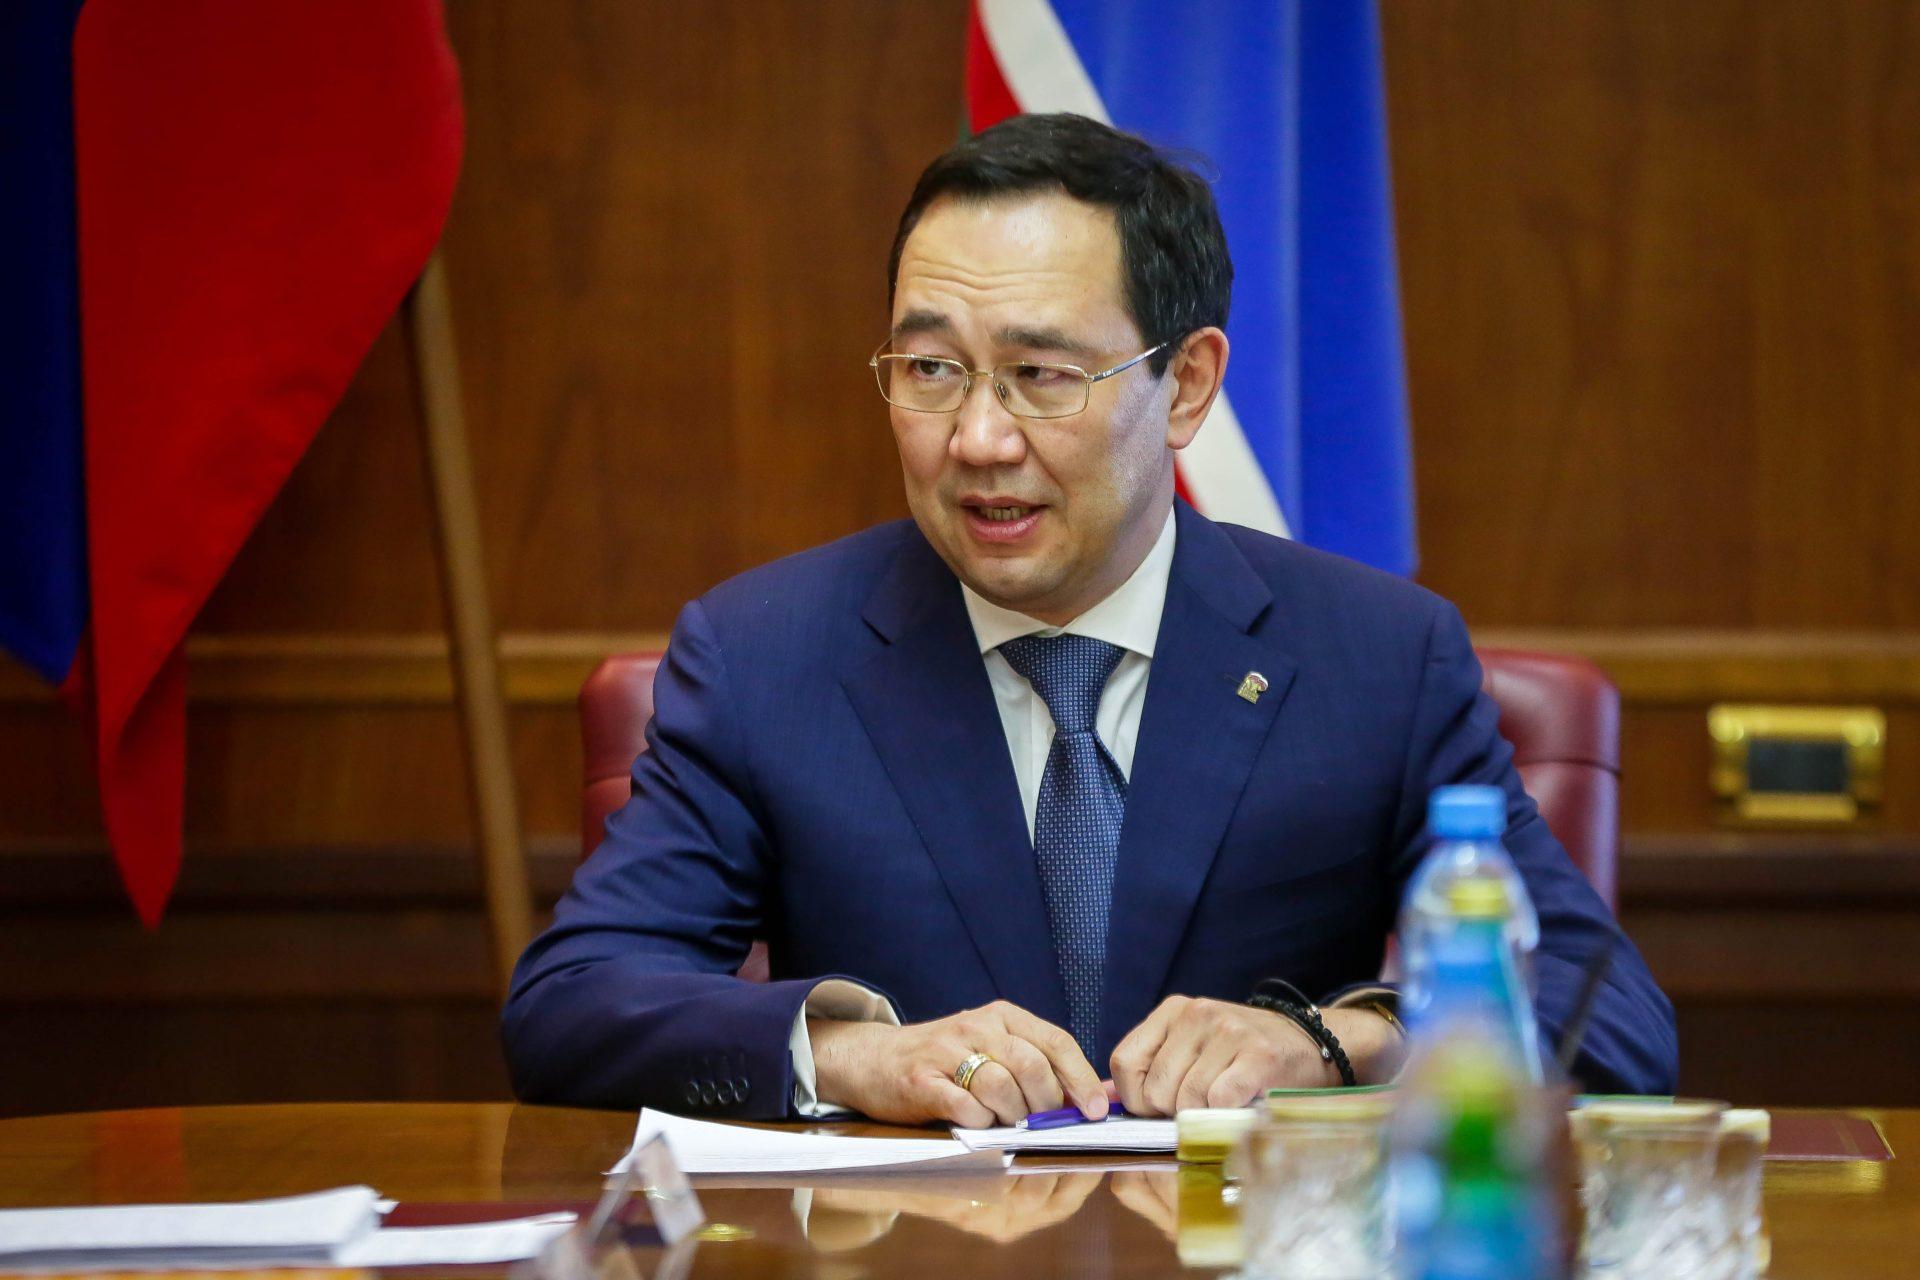 В Якутии разработаны меры по обеспечению устойчивого развития экономики и социальной стабильности